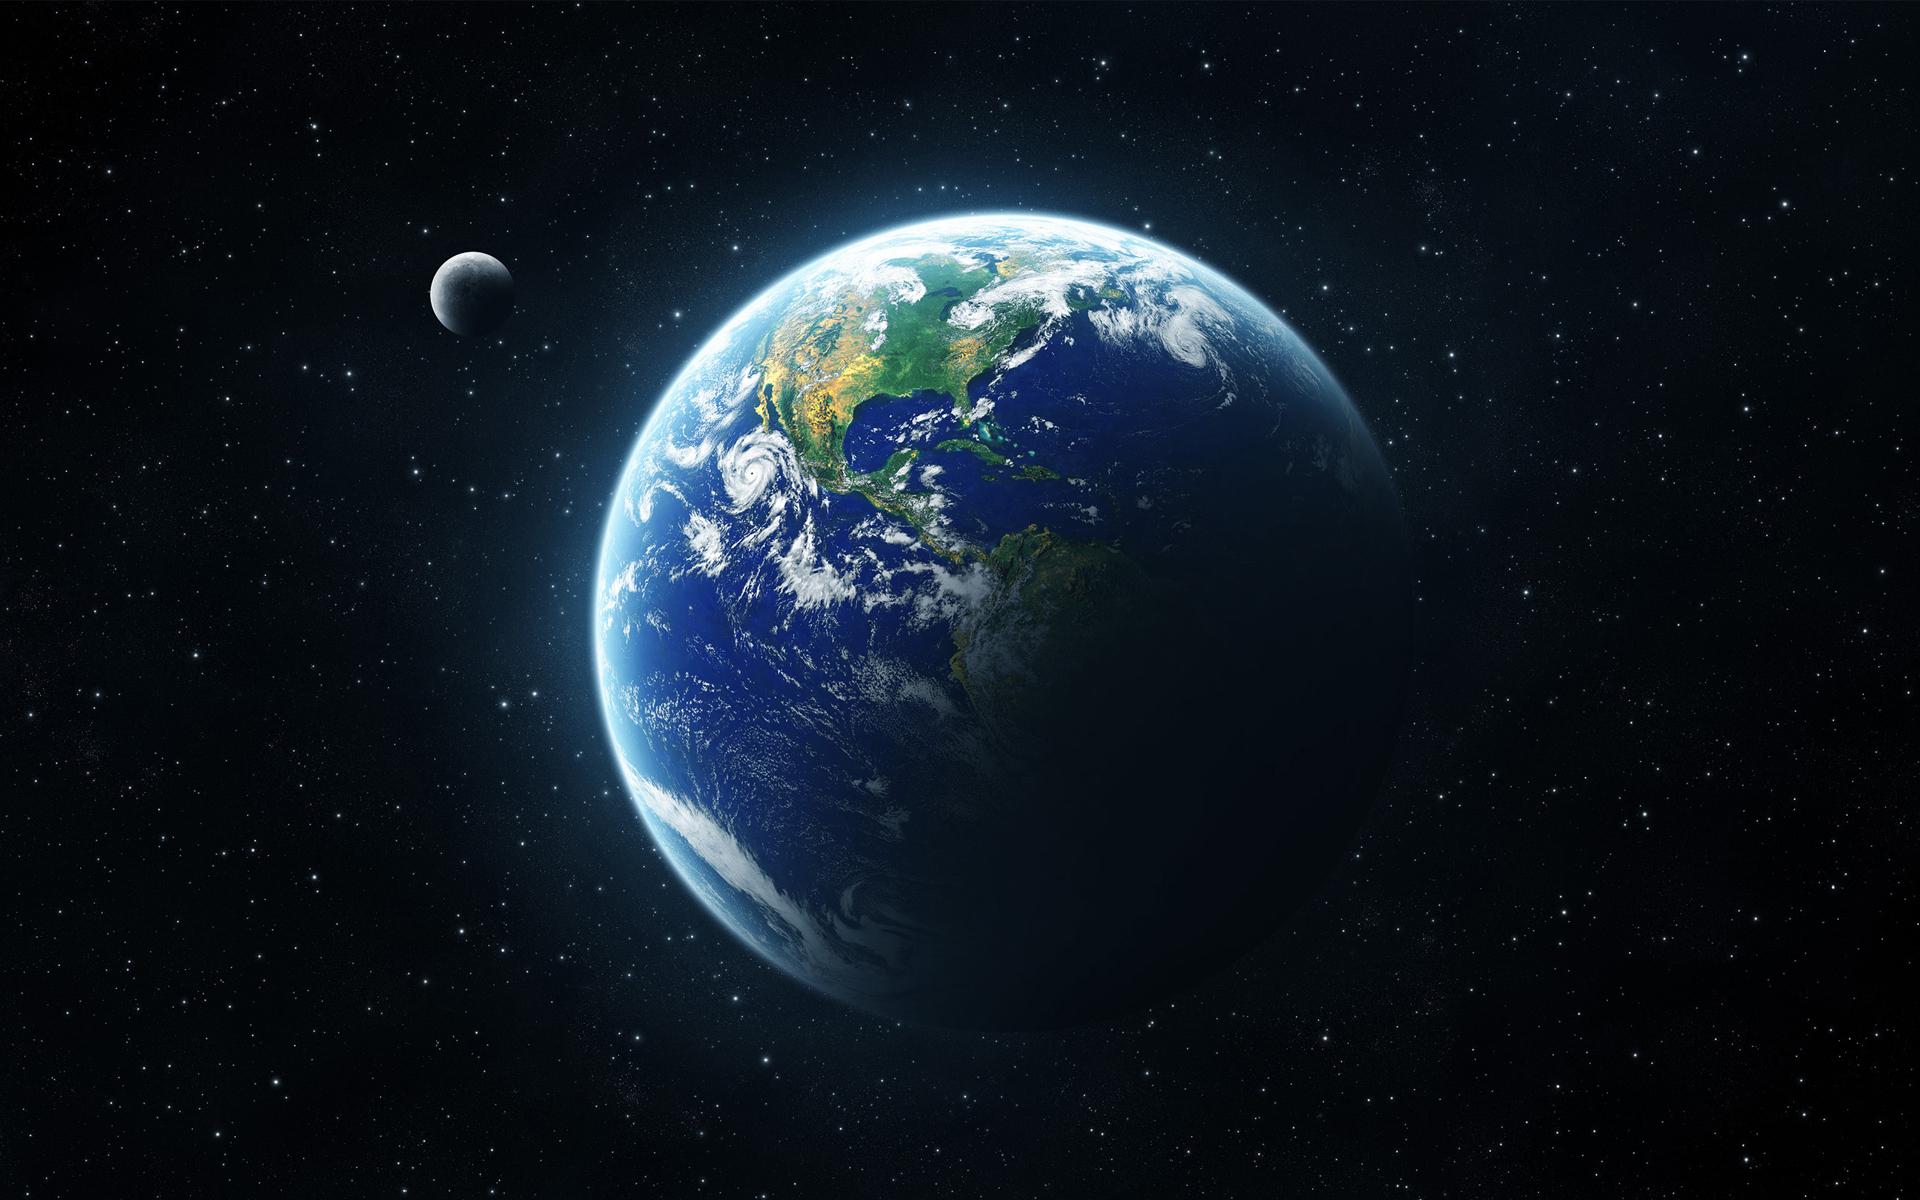 Fotos de satelites orbitando la tierra 72